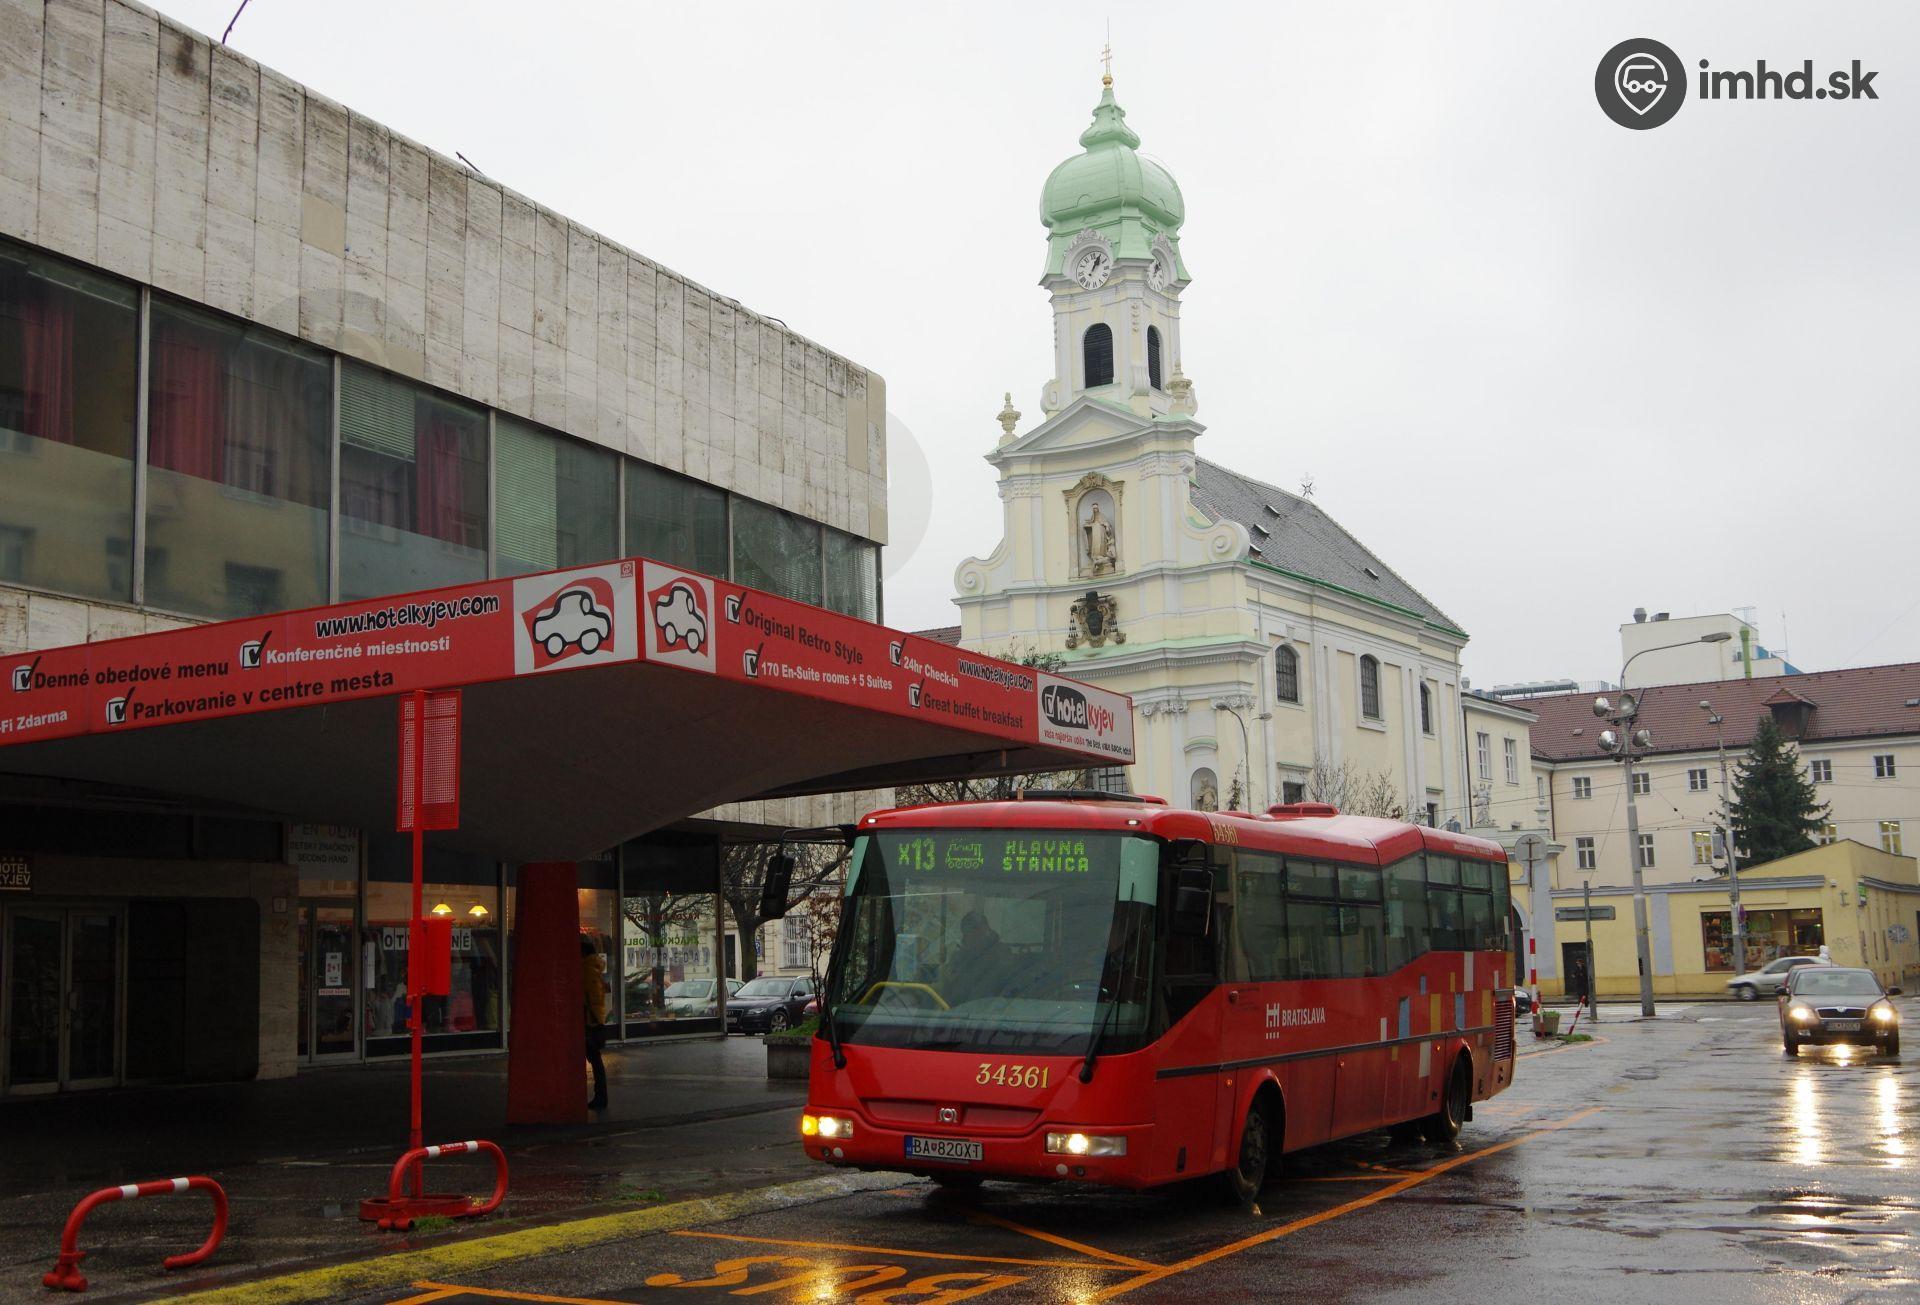 fa8c6bfc1b Dlhodobá výluka MHD na Štúrovej a Šafárikovom námestí (od 20.1.2014) •  imhd.sk Bratislava